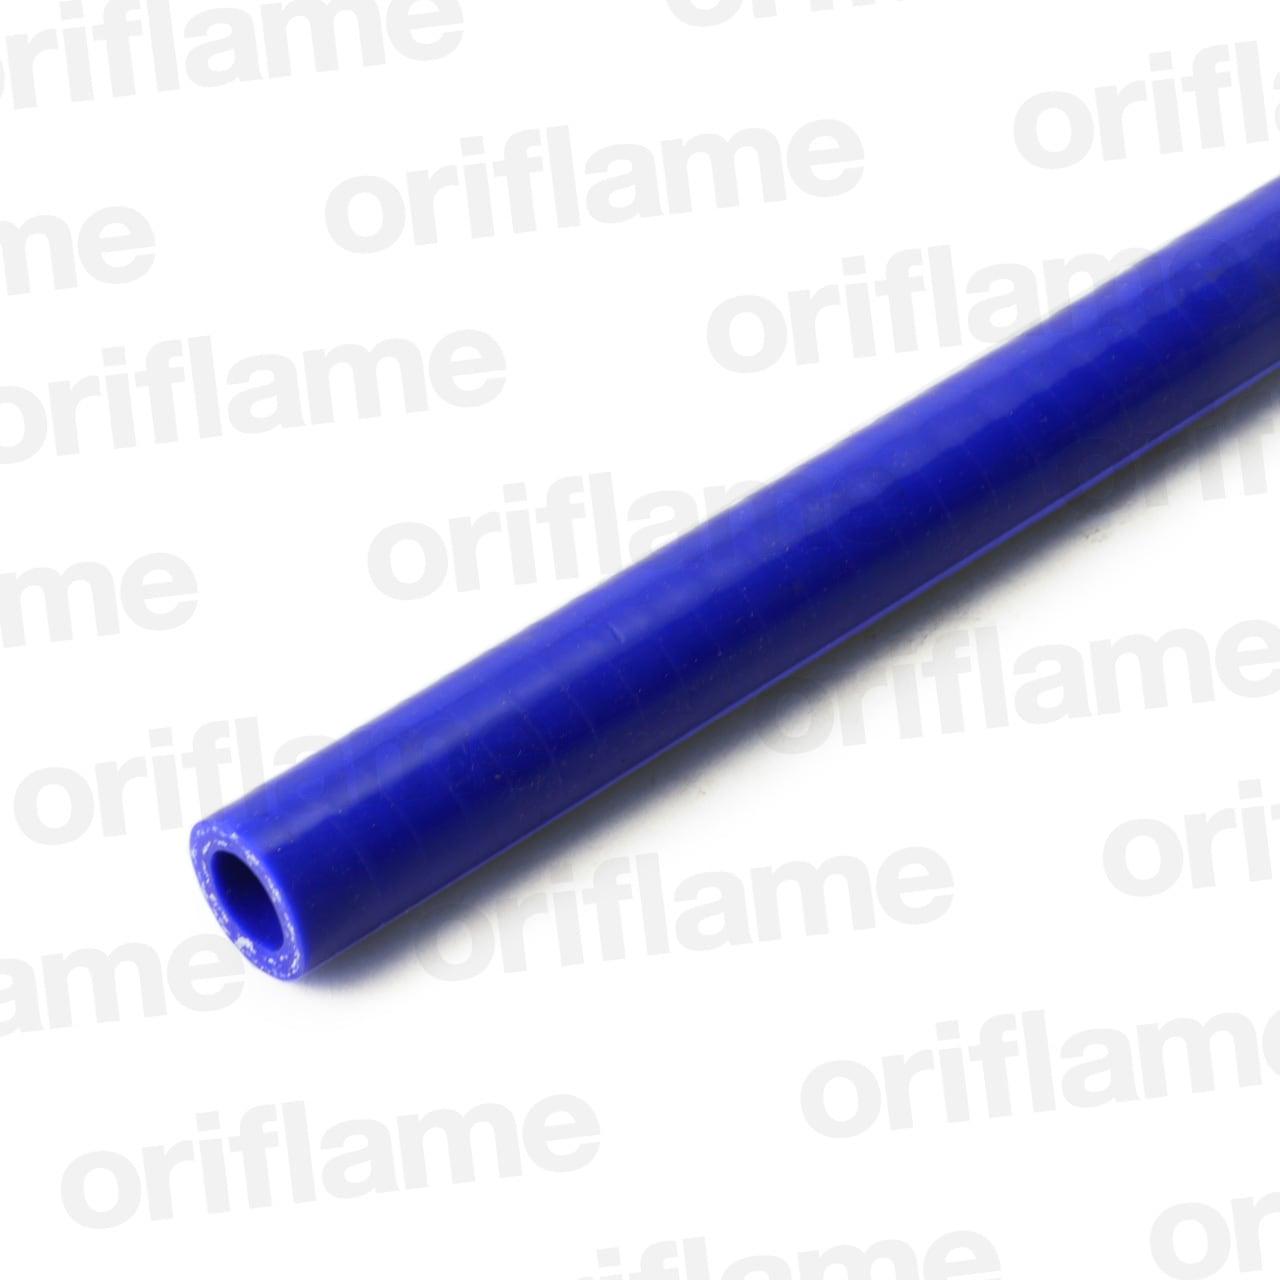 ストレートホース・内径13mm・ブルー